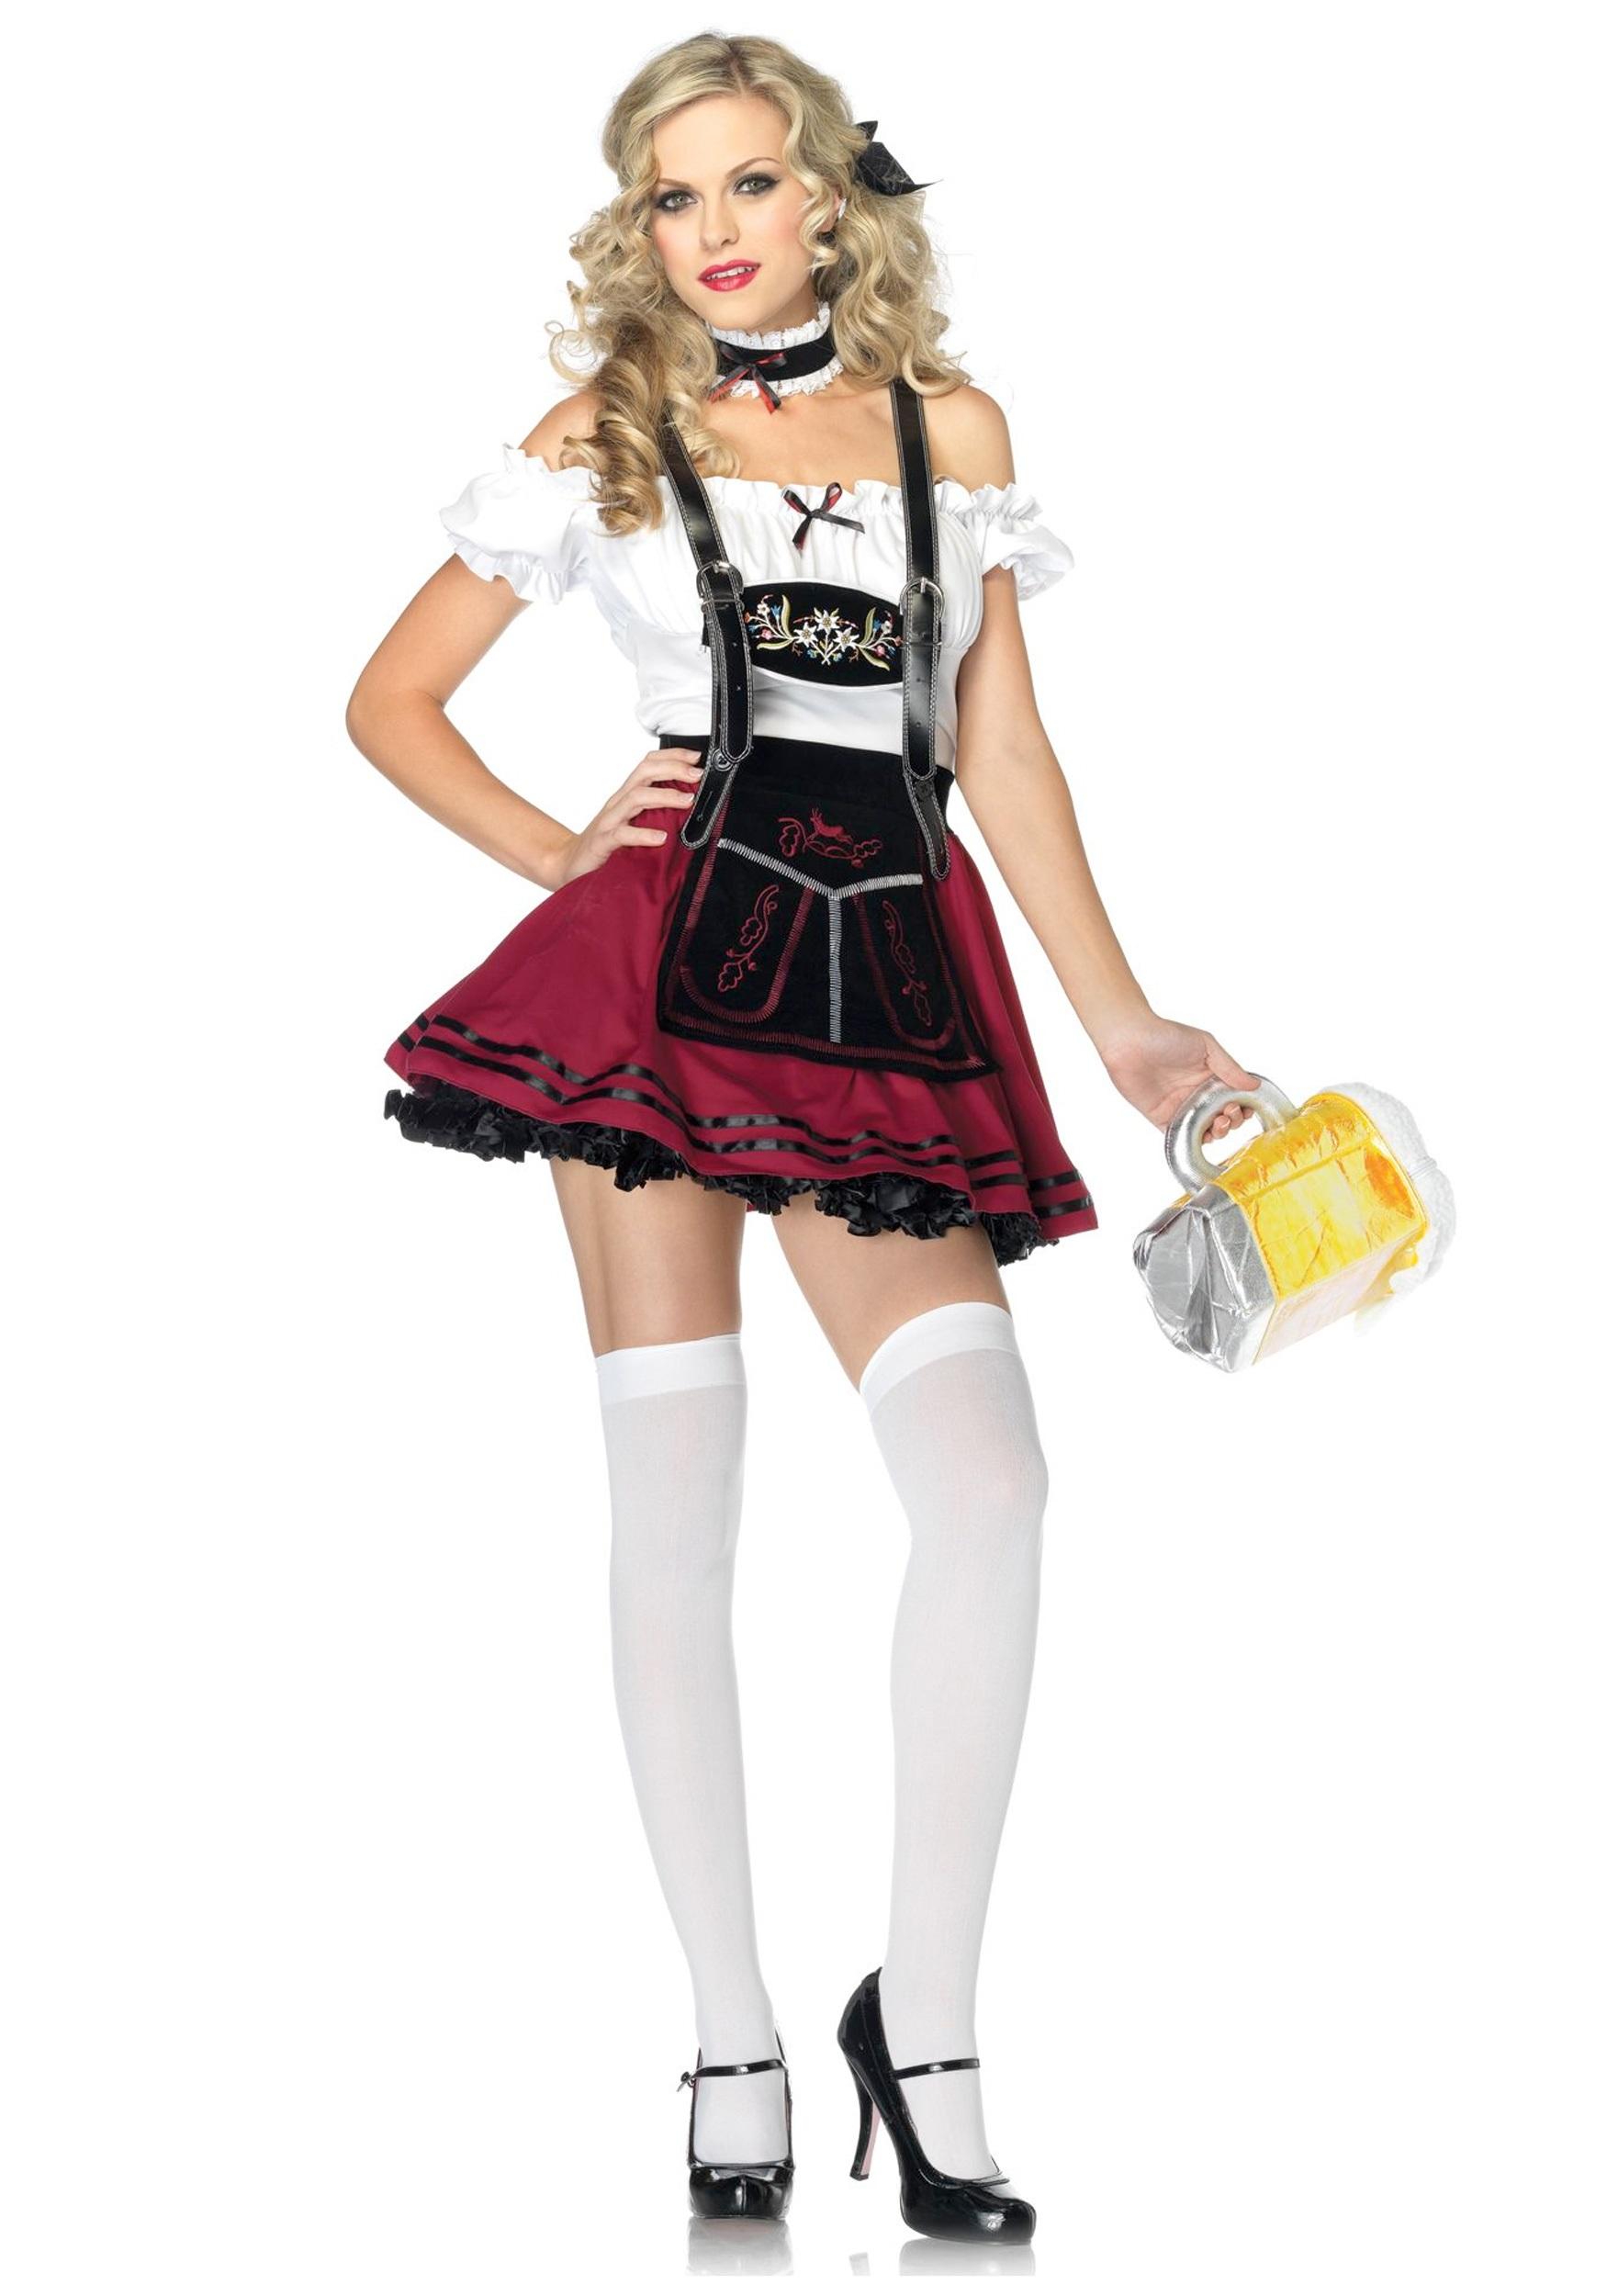 Эротический костюм официанта 1 фотография